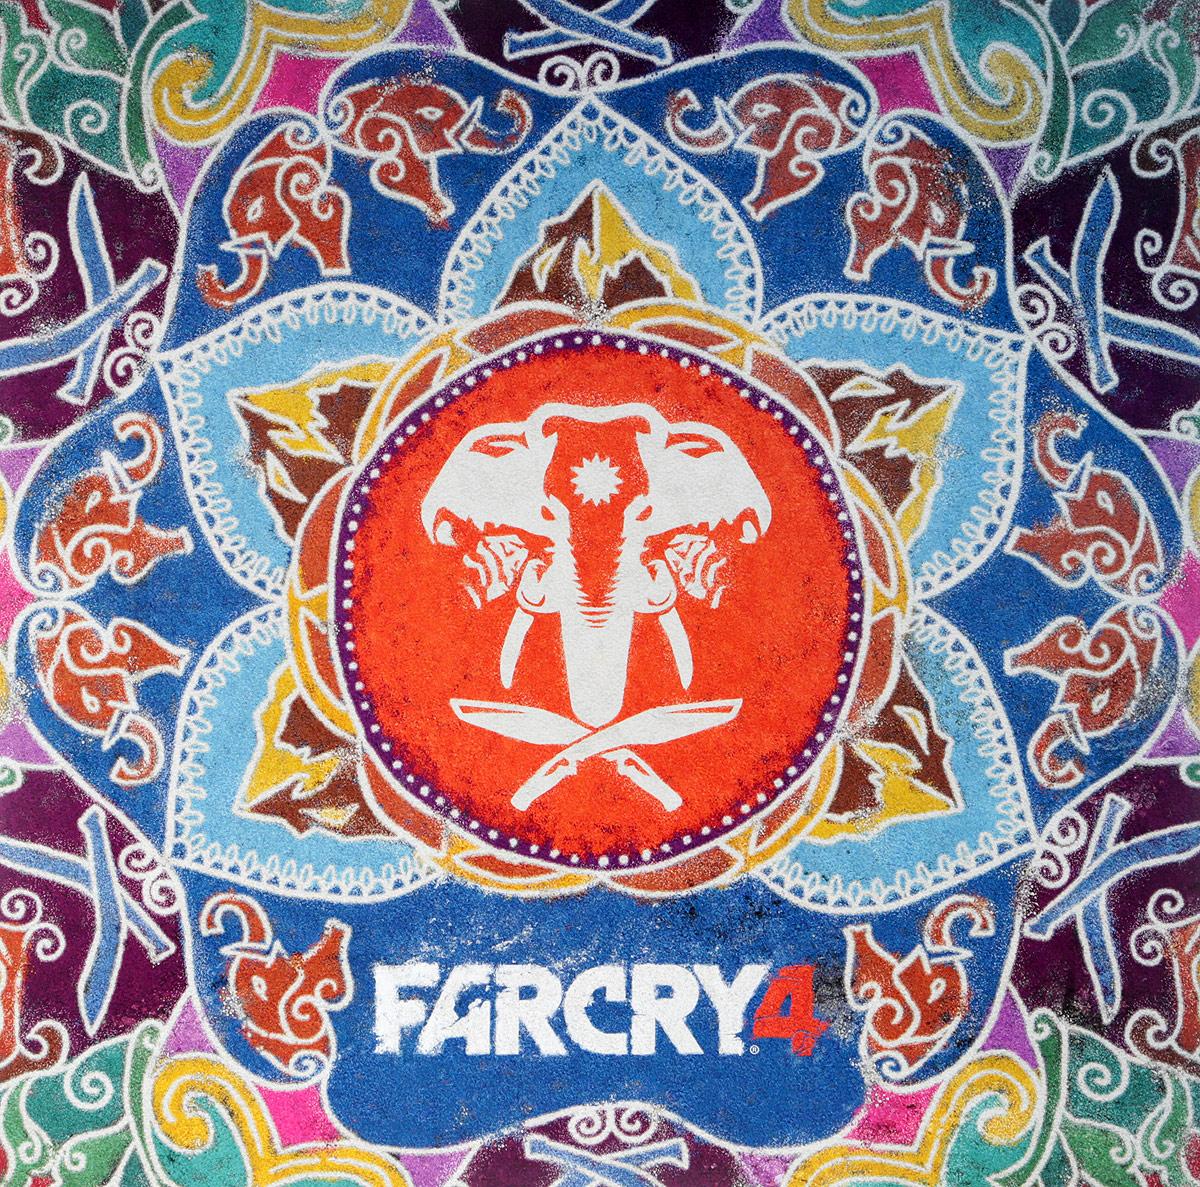 лучшая цена Cliff Martinez. Far Cry 4 (Original Soundtrack) (3 LP)